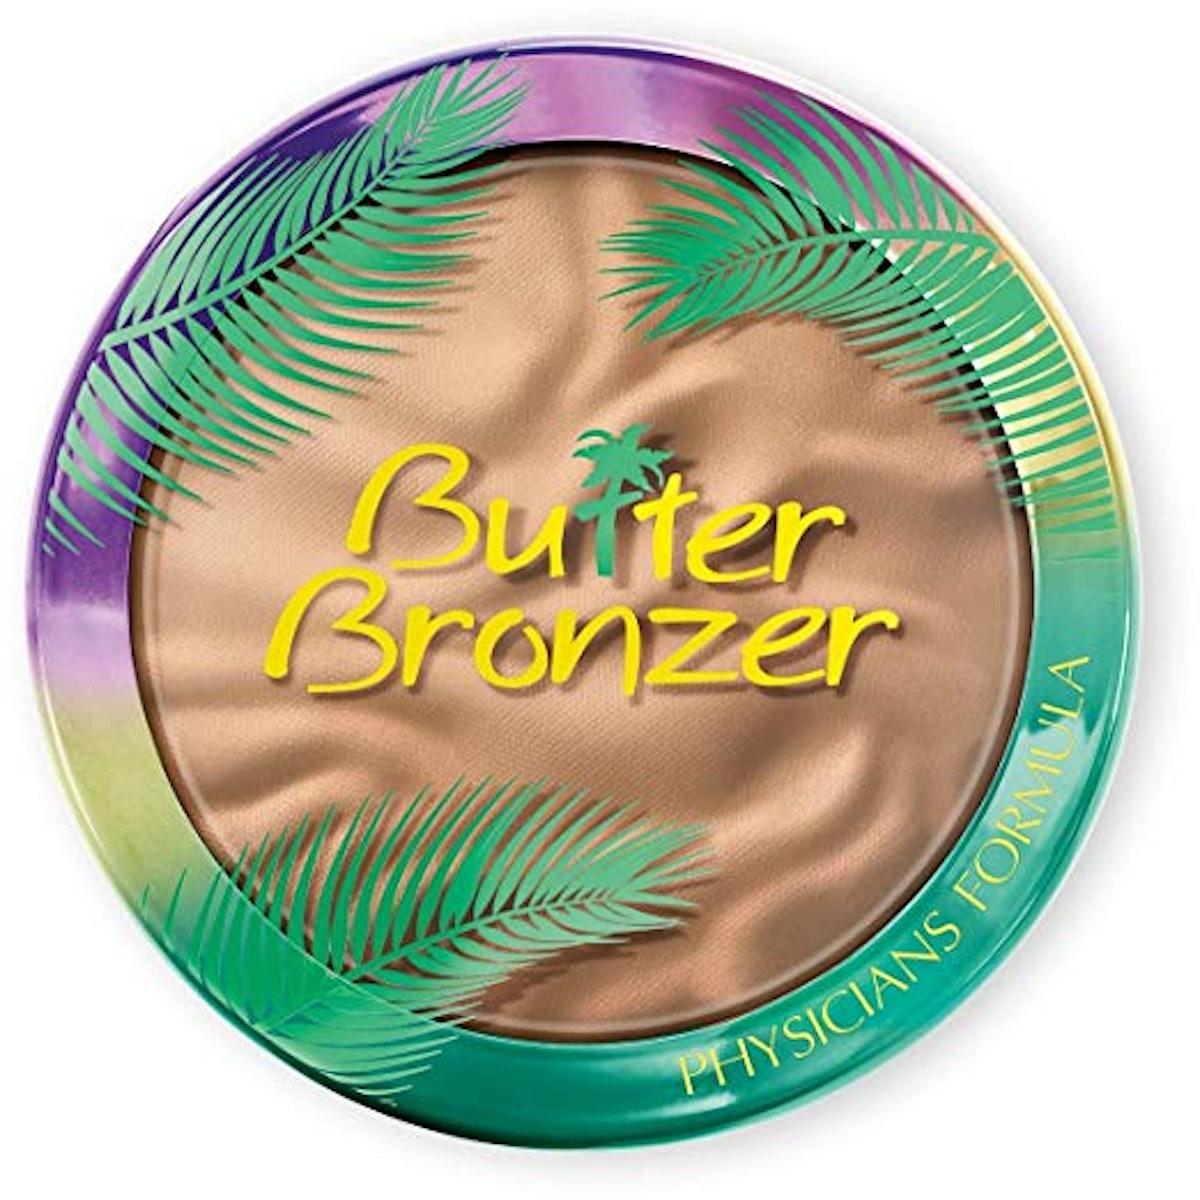 Physicians Formula Murumuru Butter Bronzer in Light